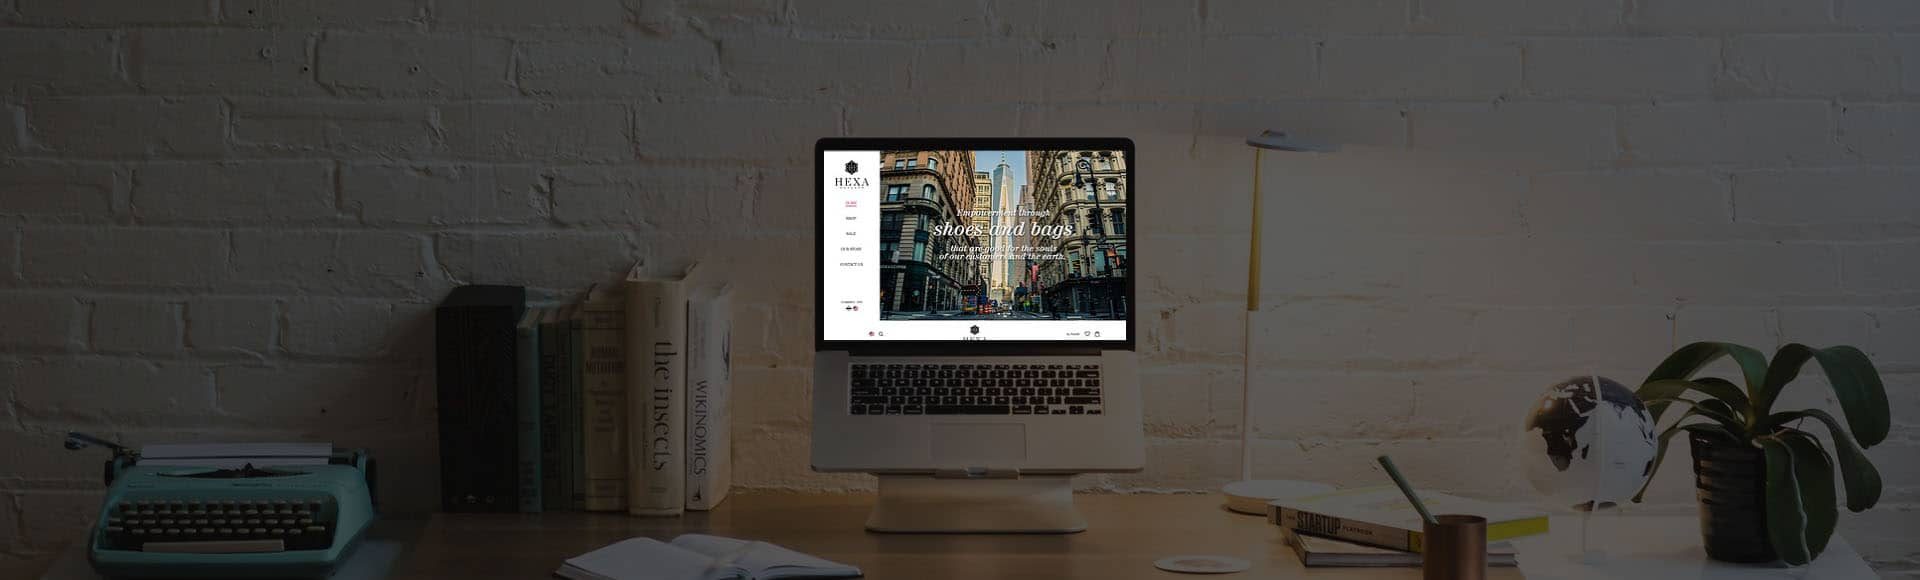 ผลงานทำเว็บไซต์ Hexa   รับทำเว็บไซต์ e-commerce